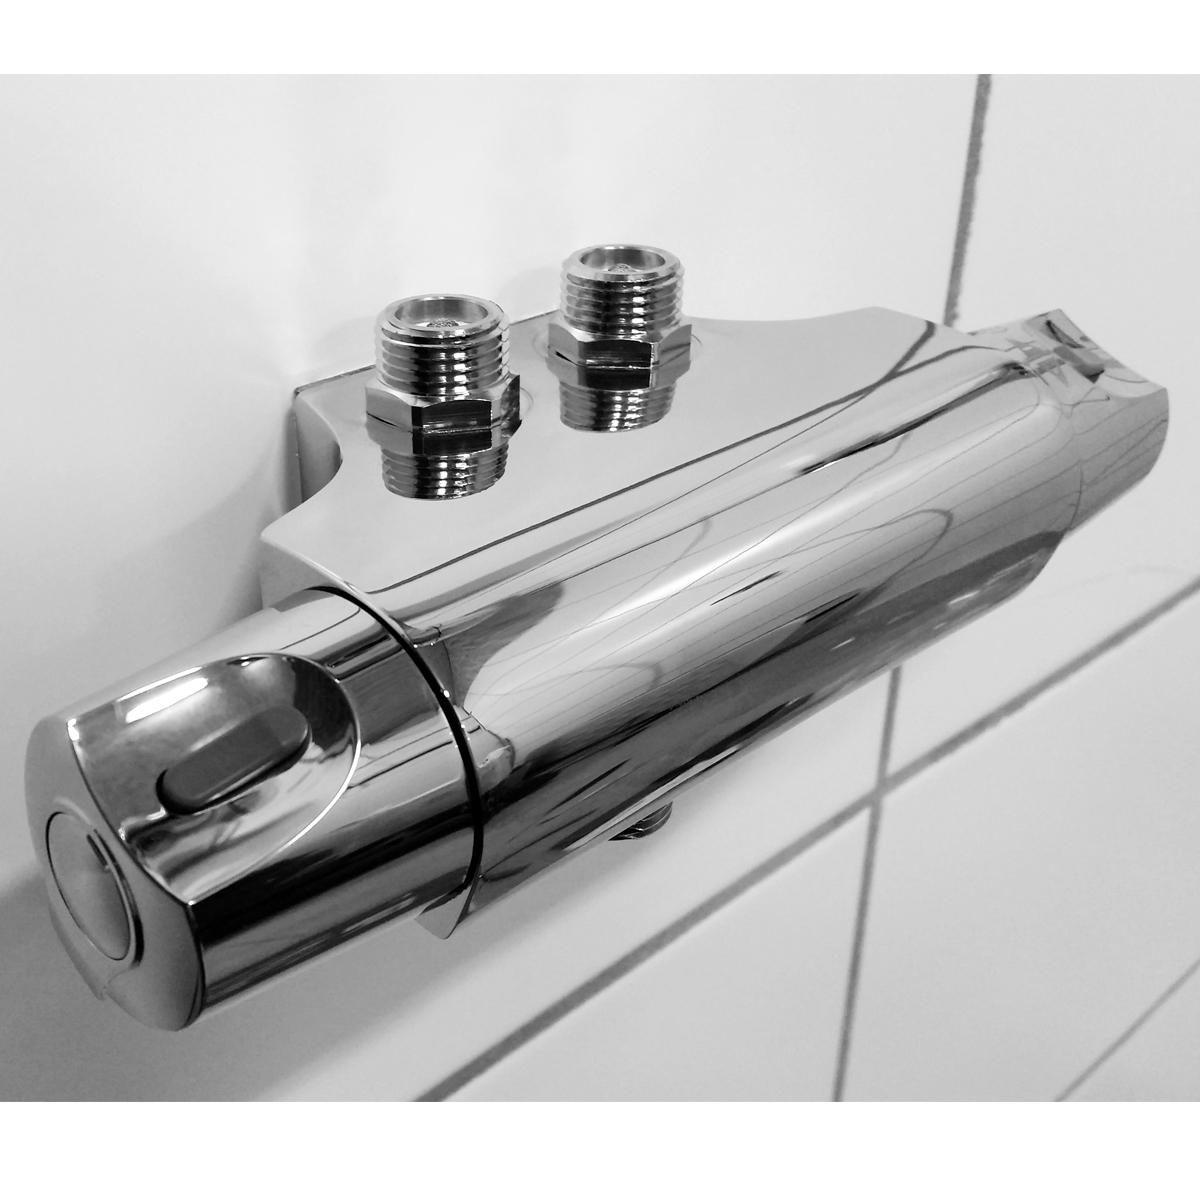 Montage/limbricka till blandare gustavsberg 40cc – design4bath